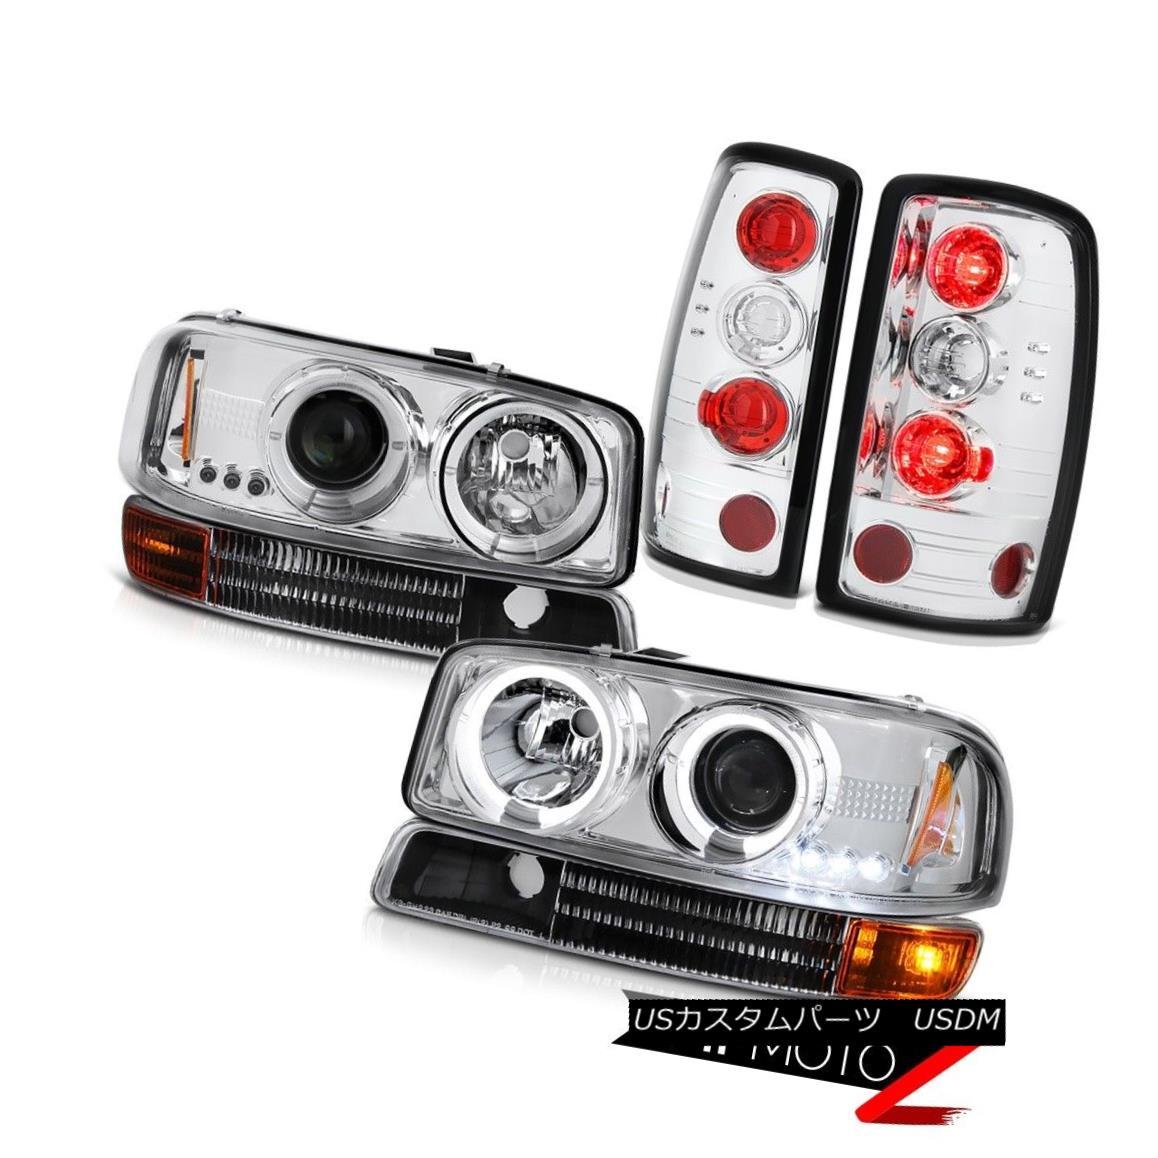 テールライト Barn Door Tail Light 00 01 02 03 04 05 Yukon Halo Projector Headlight Bumper Set バーンドアテールライト00 01 02 03 04 05ユーコンヘイロープロジェクターヘッドライトバンパーセット